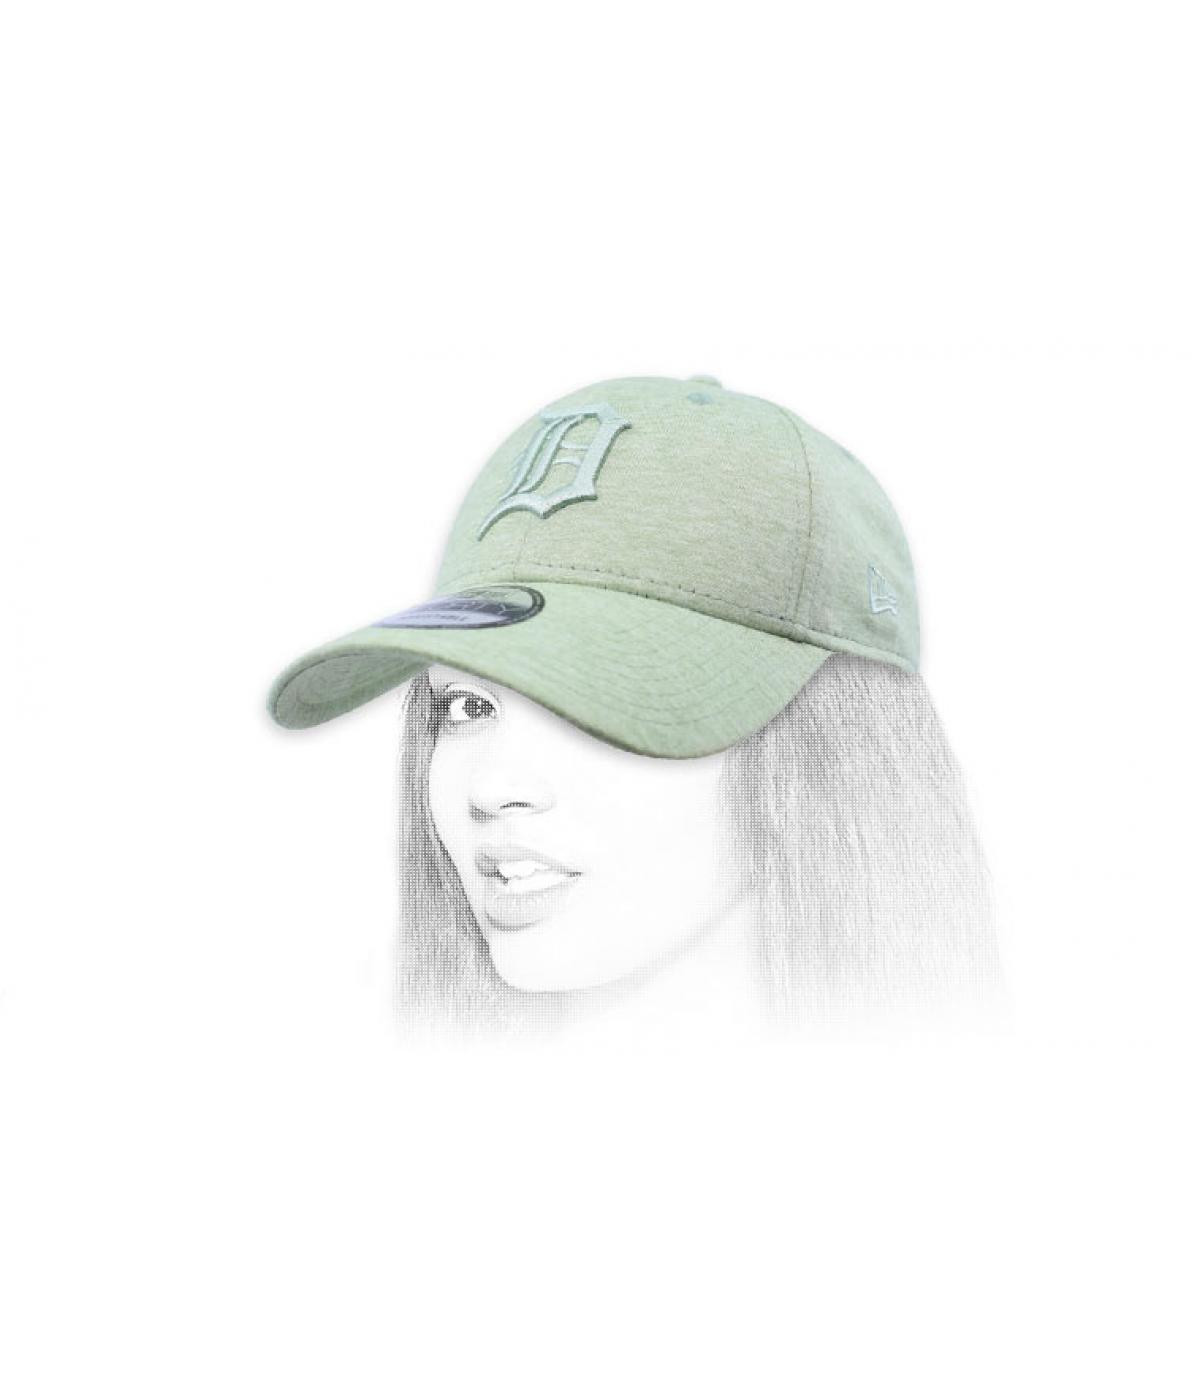 cappuccio D verde chiaro